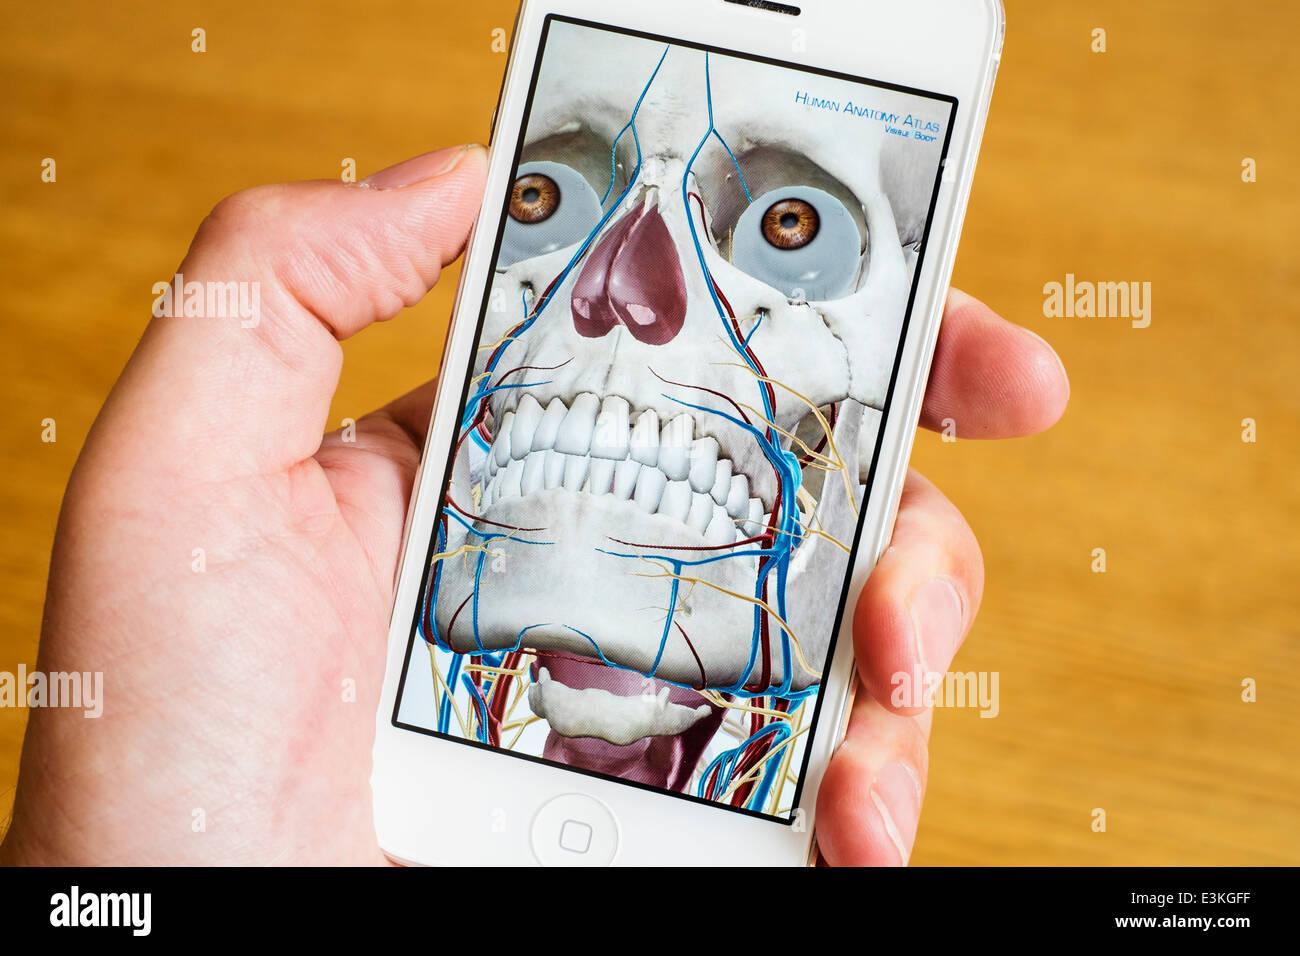 Detail der pädagogischen medizinischen 3D Anatomieatlas auf ein iPhone-Smartphone Stockbild